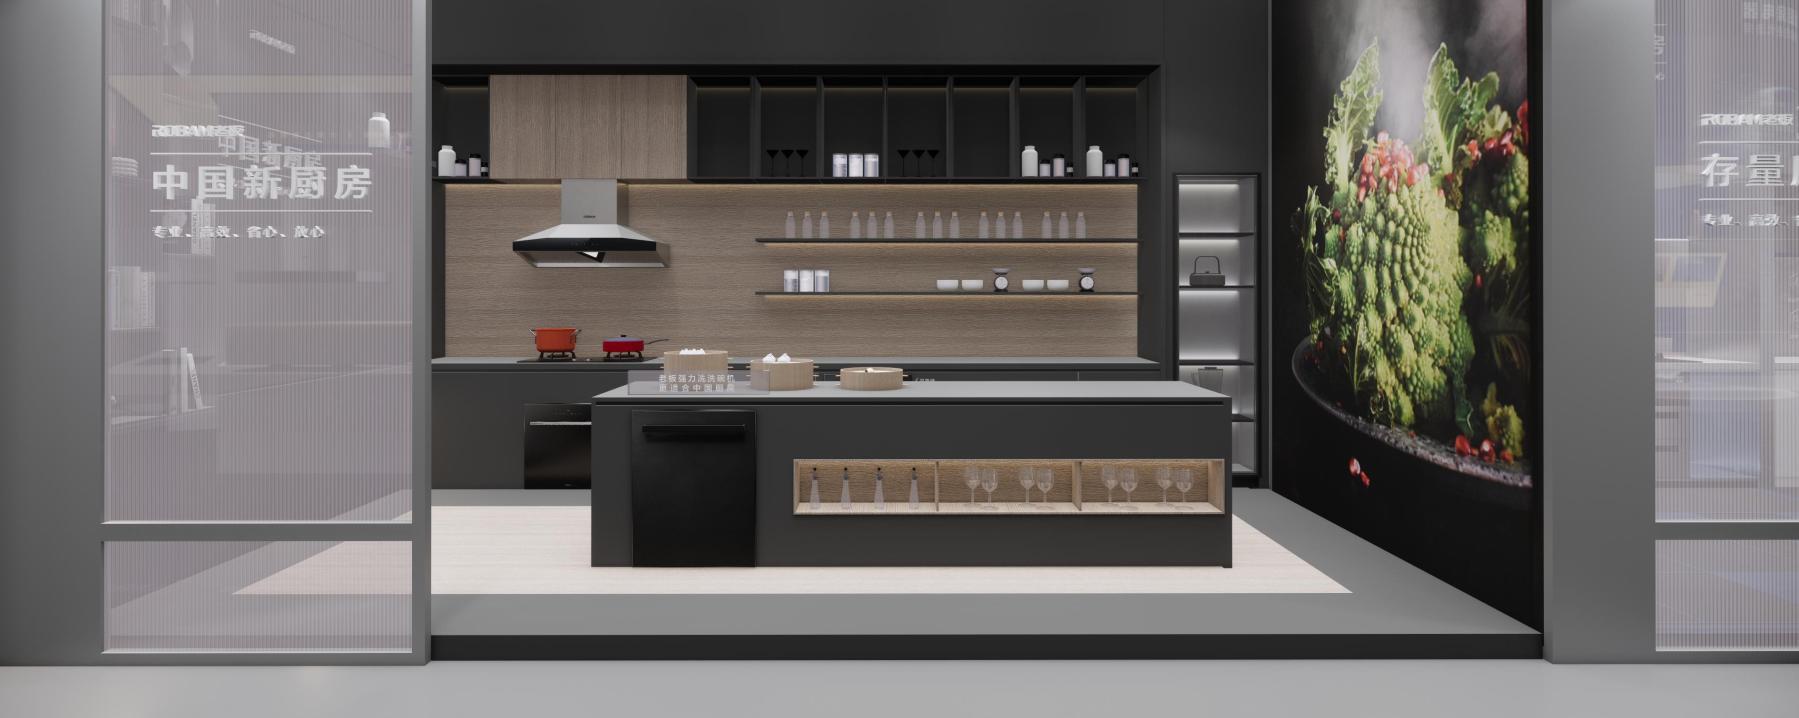 老板電器攜新品4件套空降AWE2021展會,引領新時代廚房場景升級